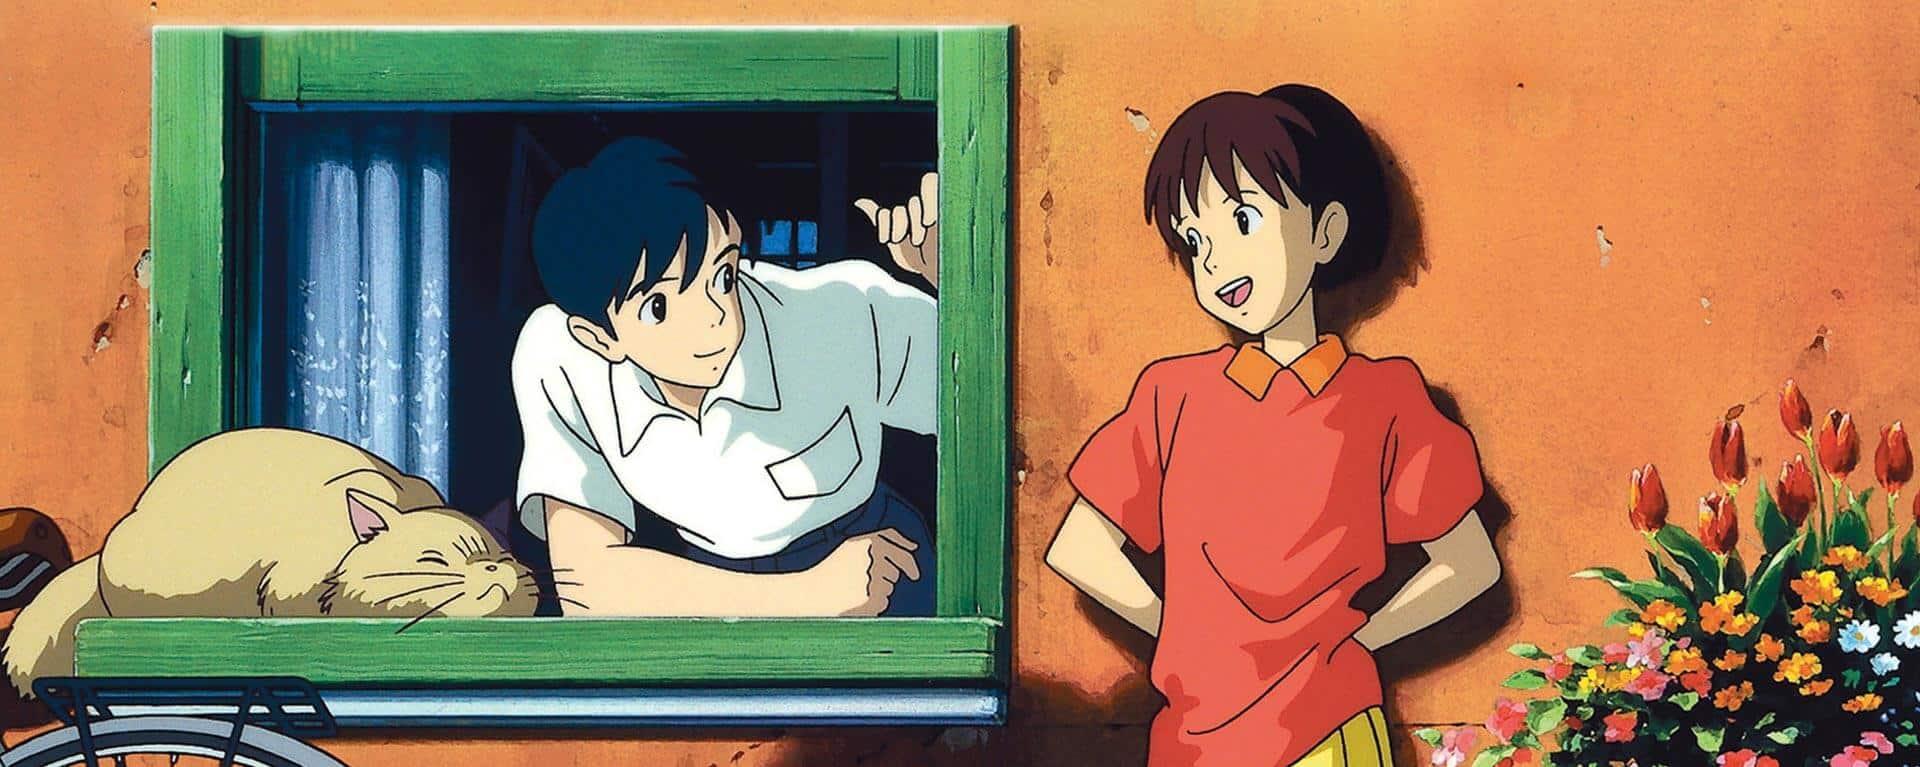 personagens de sussuros do coração studio ghibli na janela